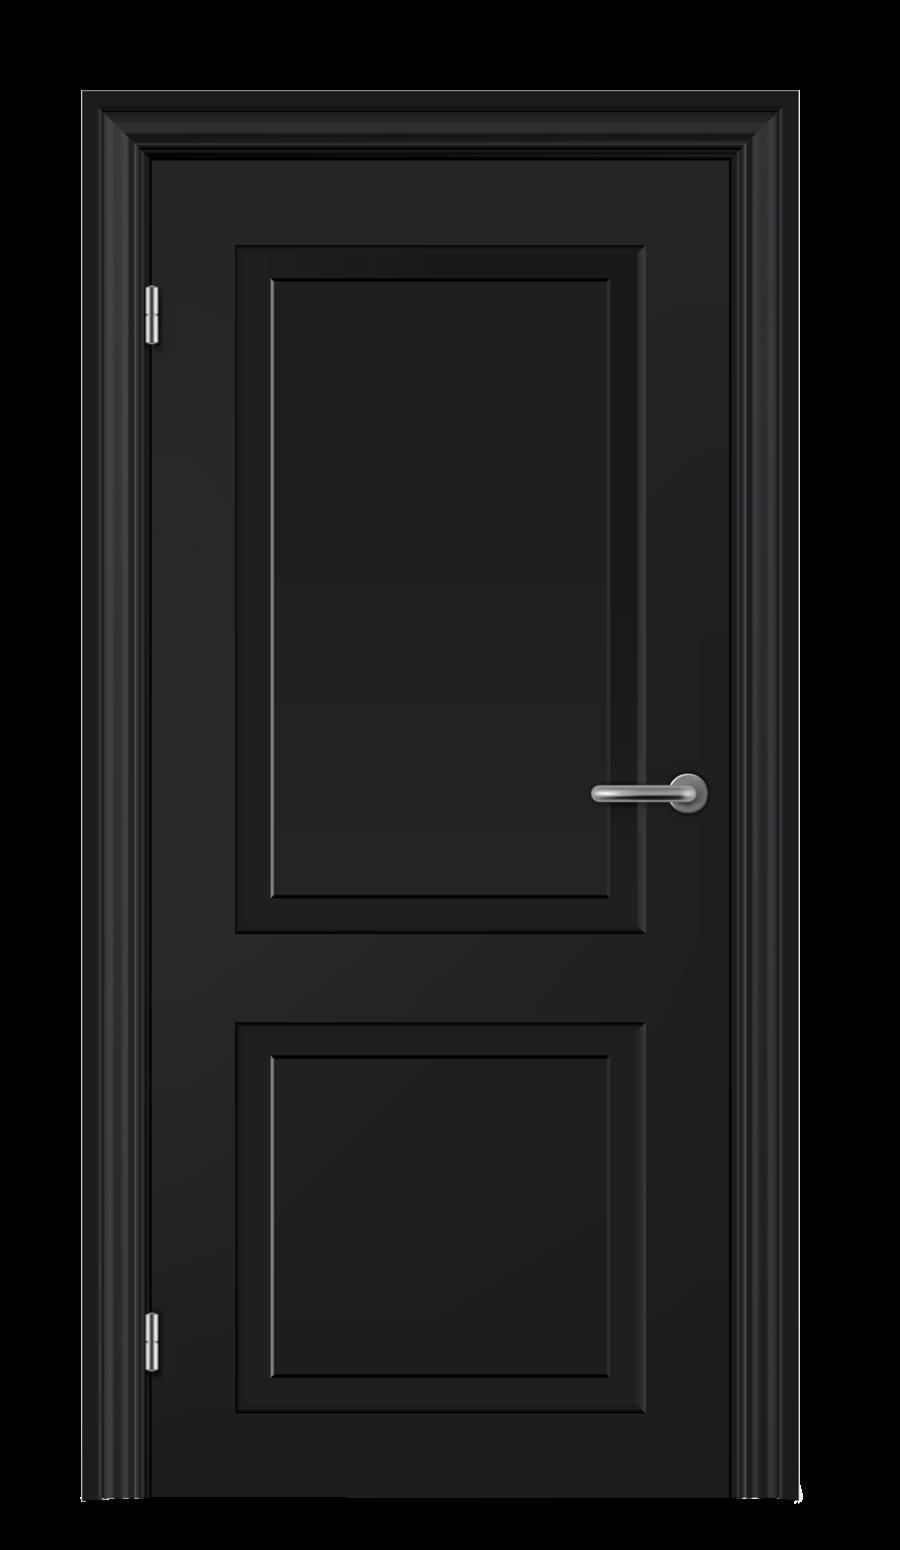 Door Png Living Room Background Episode Interactive Backgrounds Wooden Doors